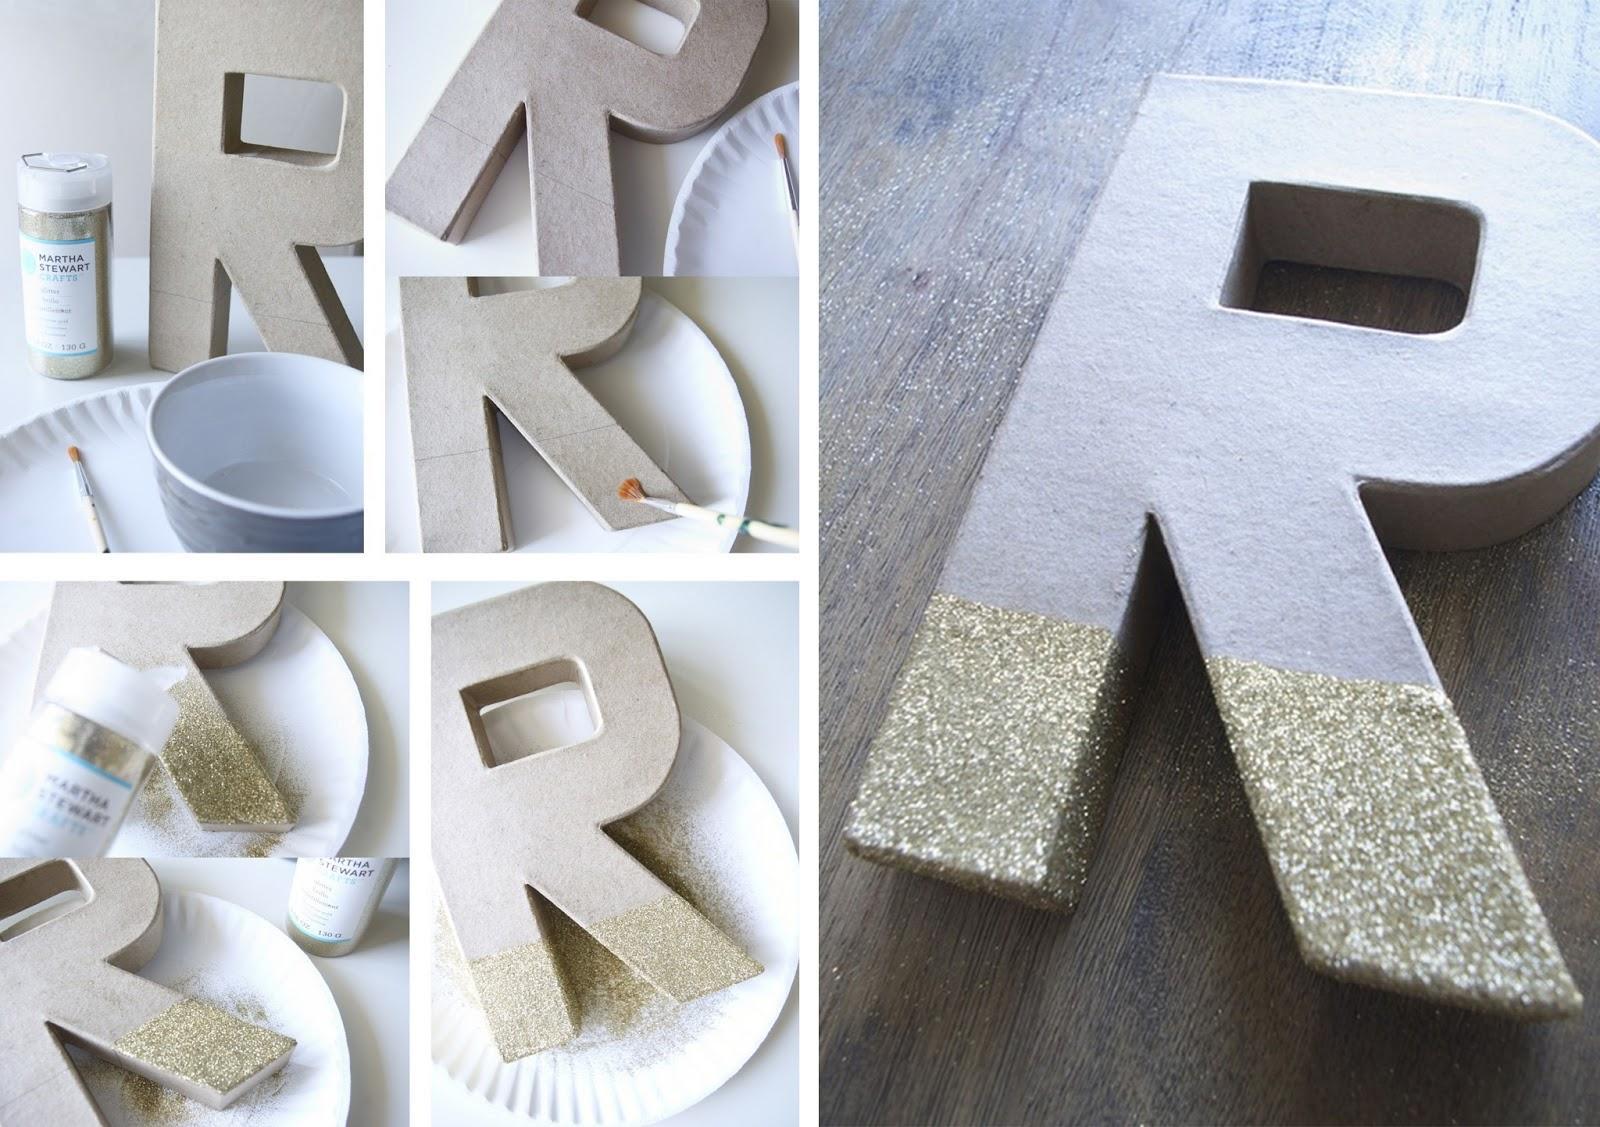 Letras personalicemos nuestras cosas paperblog for Decoracion del hogar paso a paso